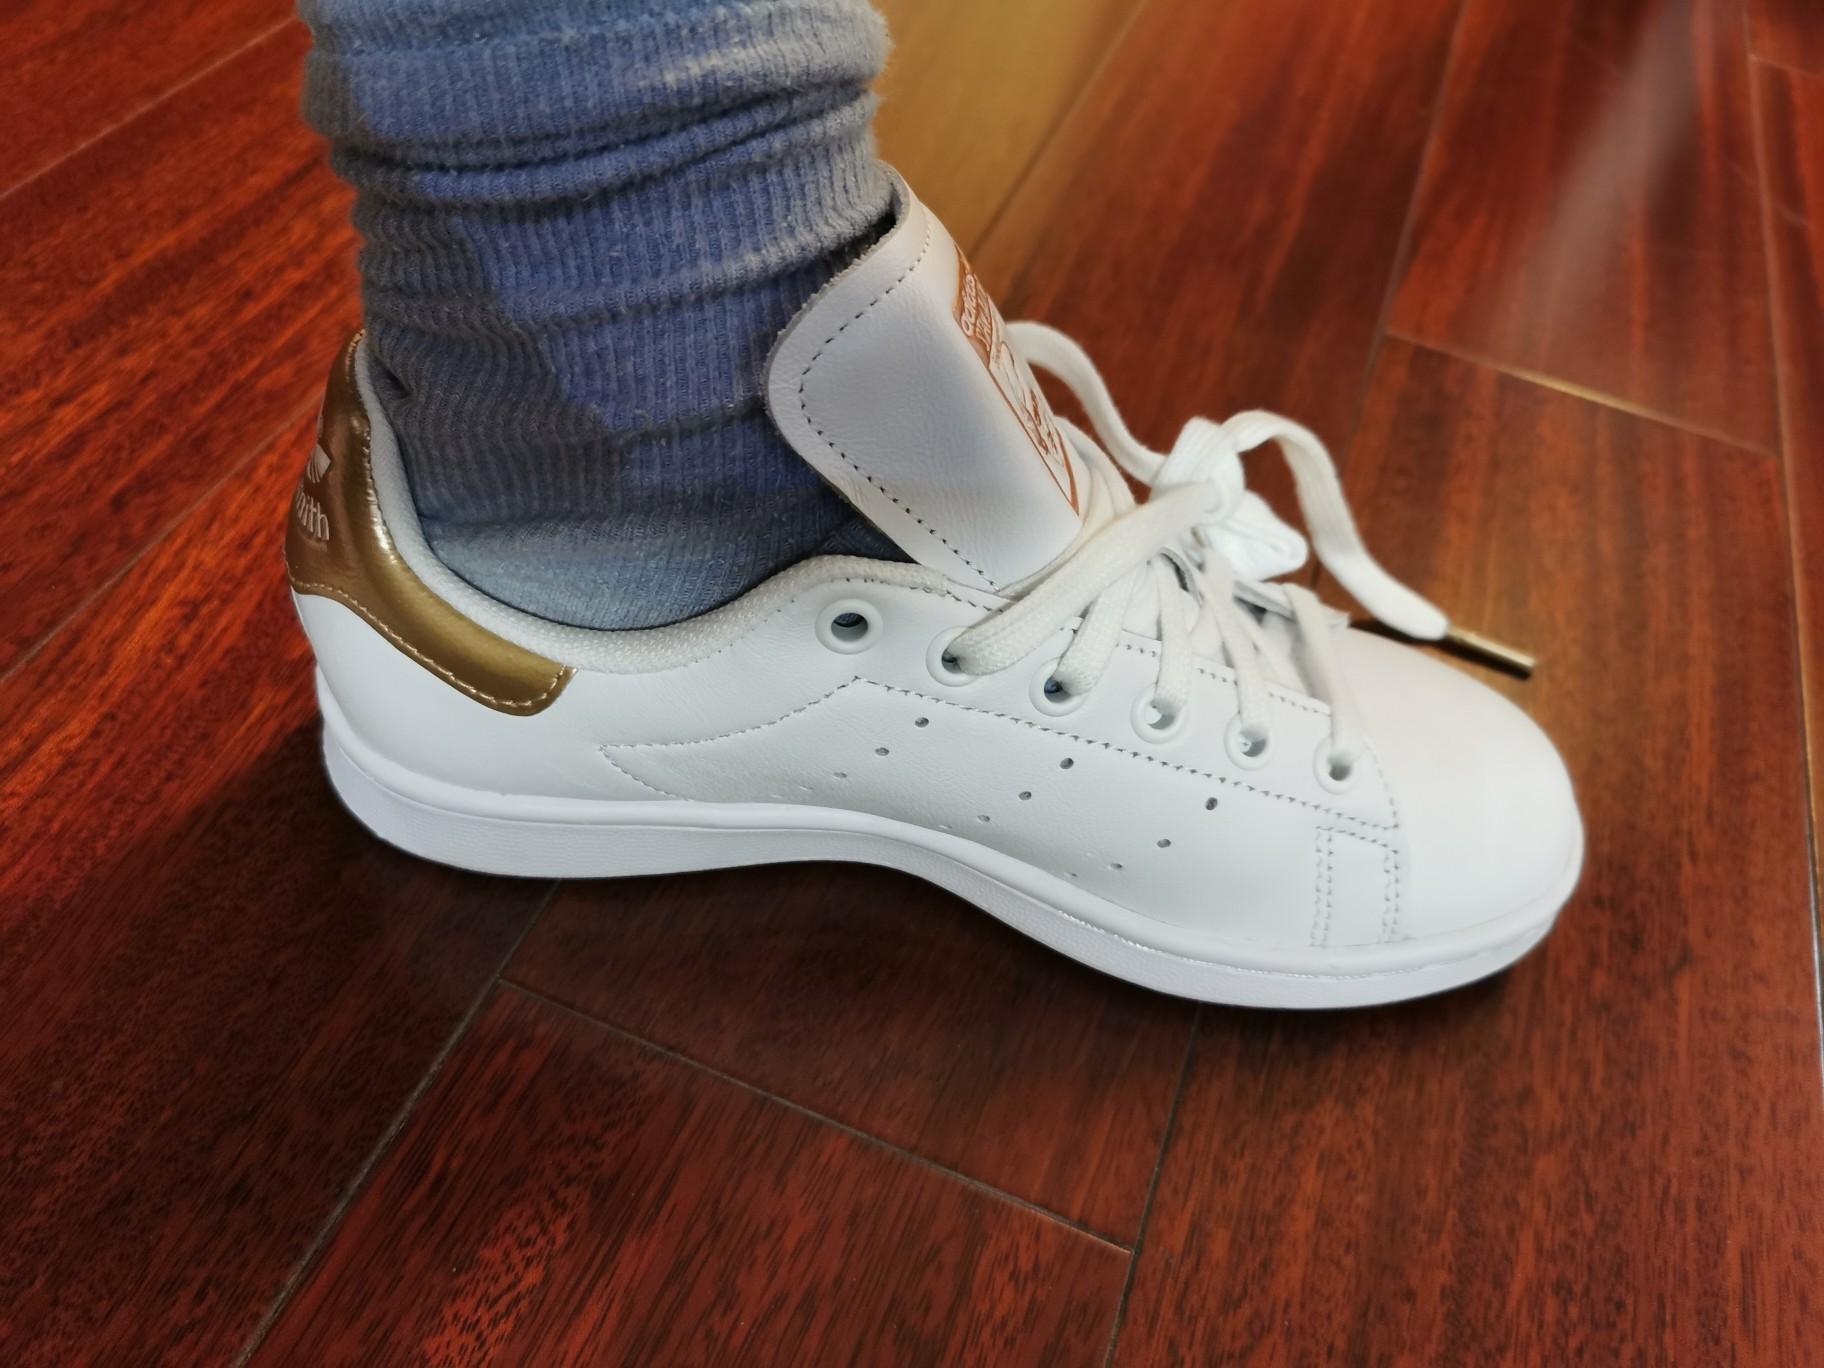 阿迪达斯女子经典官网怎么样?阿迪达斯运动鞋女款价格?有内幕吗?